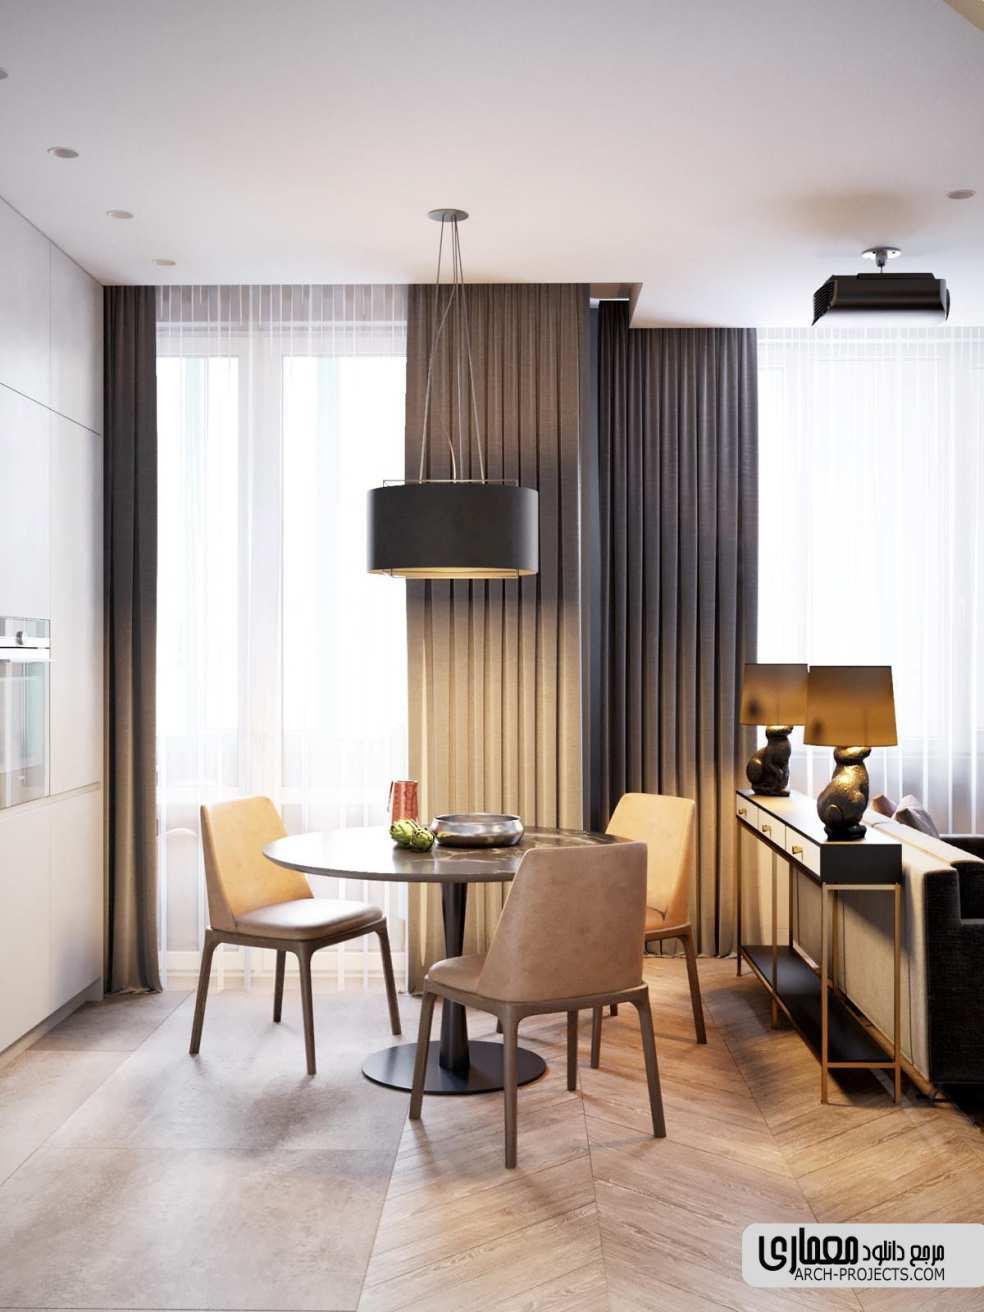 طراحی خانه با مساحت کم